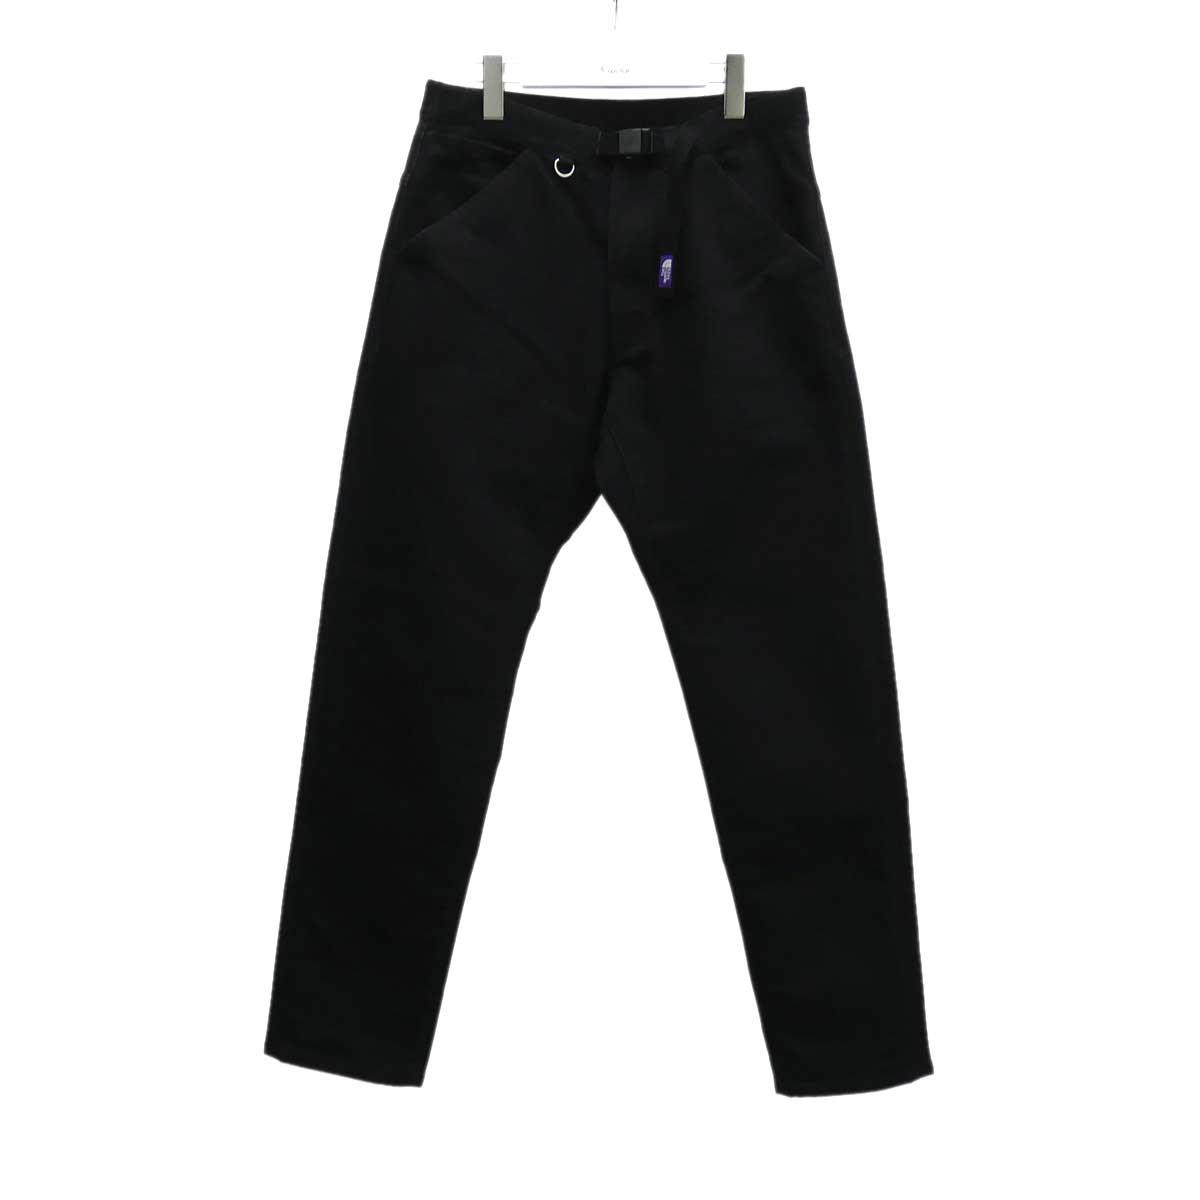 【中古】THE NORTH FACE PURPLE LABEL ウェッビングベルトデニムパンツ ブラック サイズ:30 【150620】(ザノースフェイス パープルレーベル)